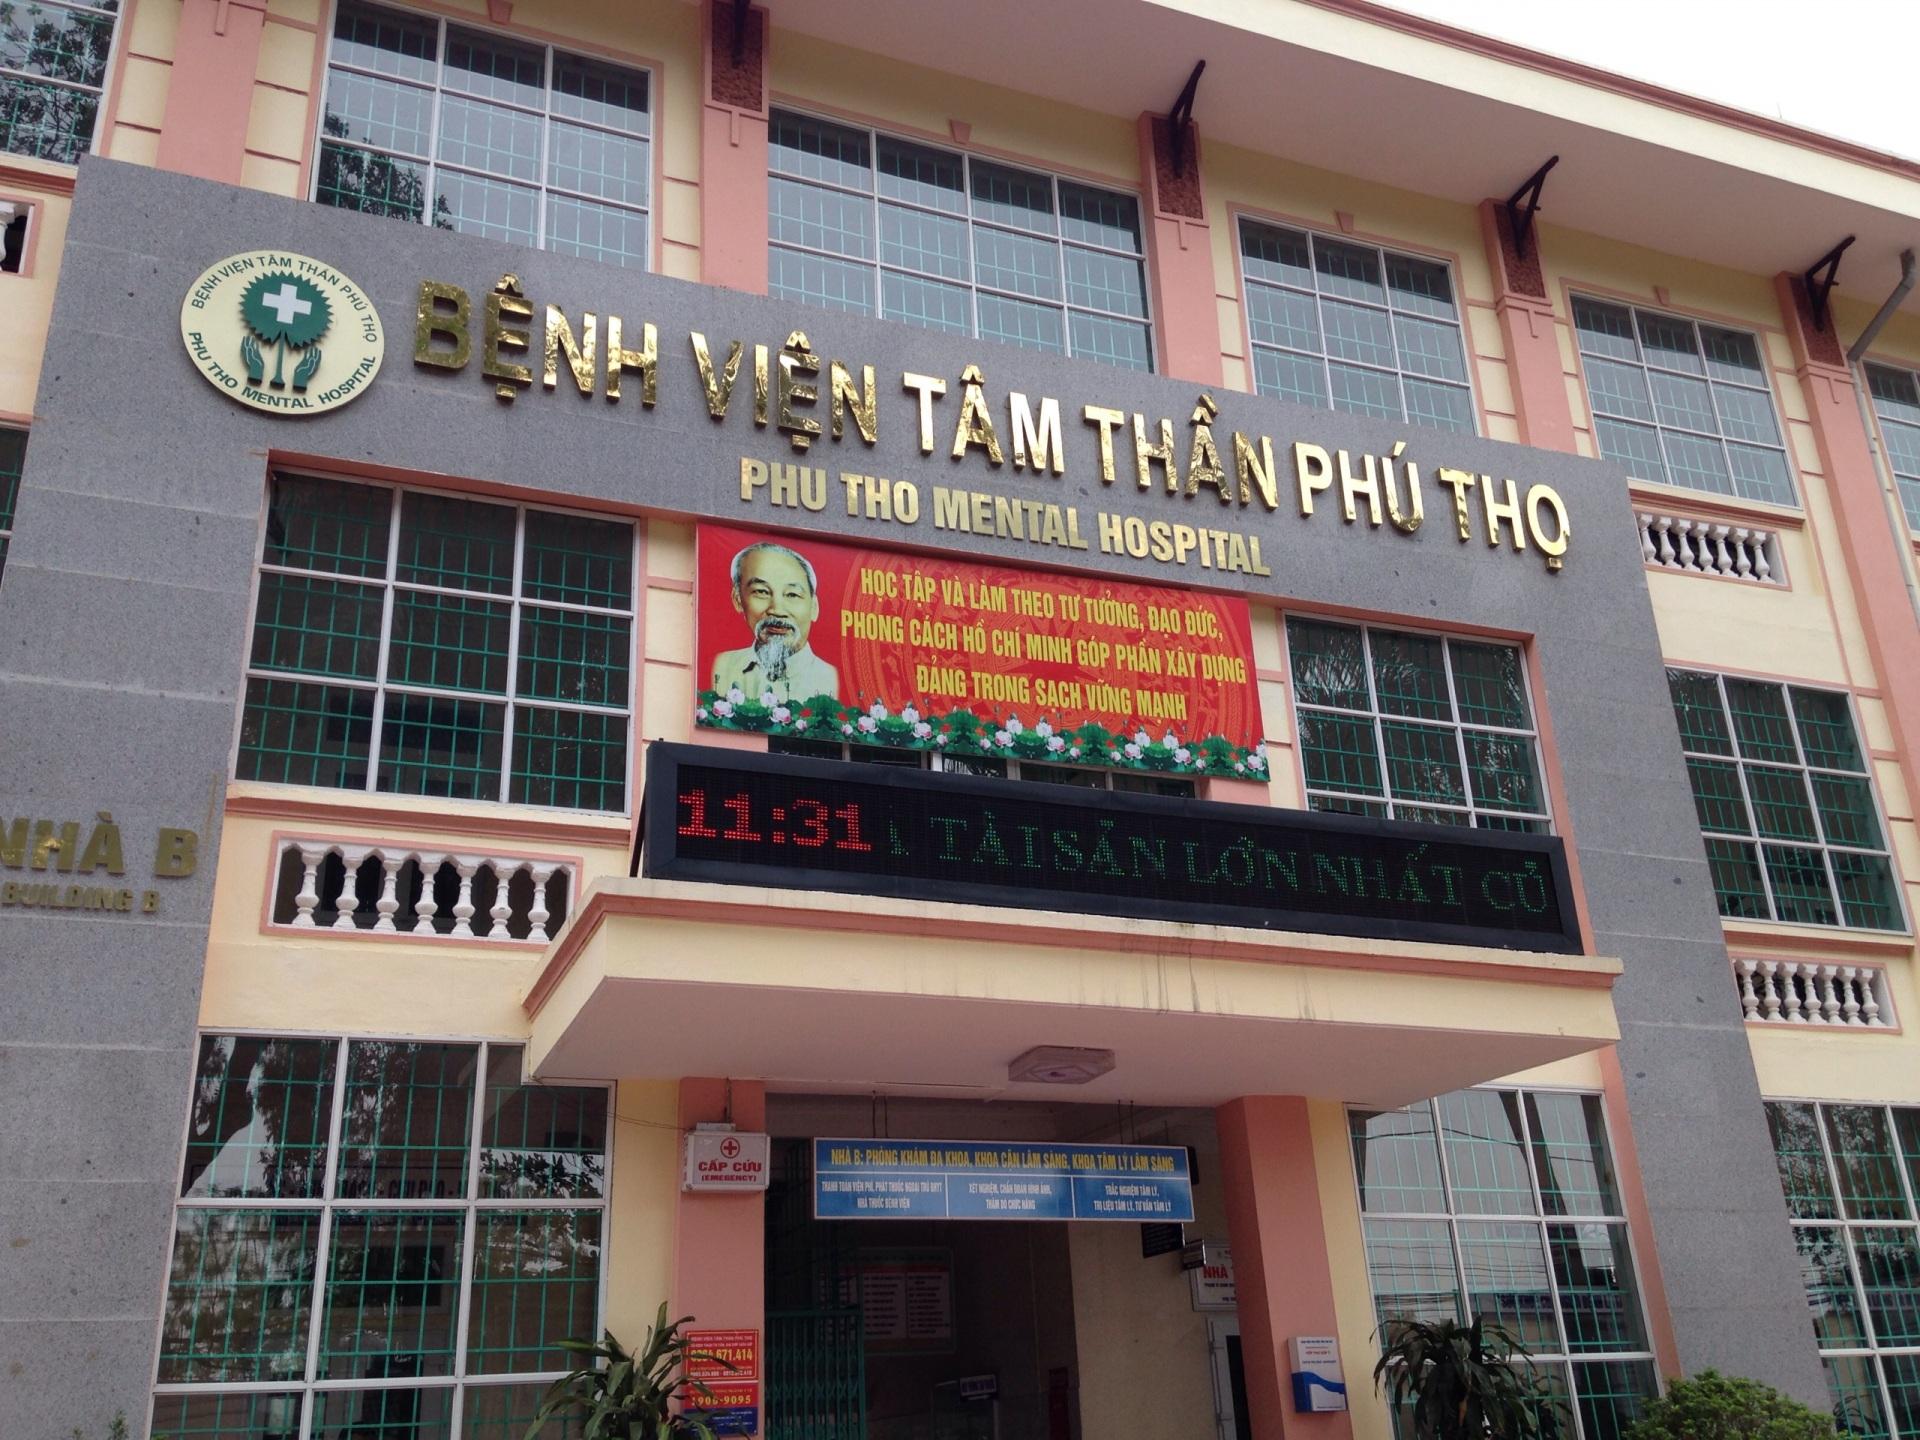 Bệnh viện Tâm thần tỉnh Phú Thọ lắp đặt hệ thống chuông gọi y tá